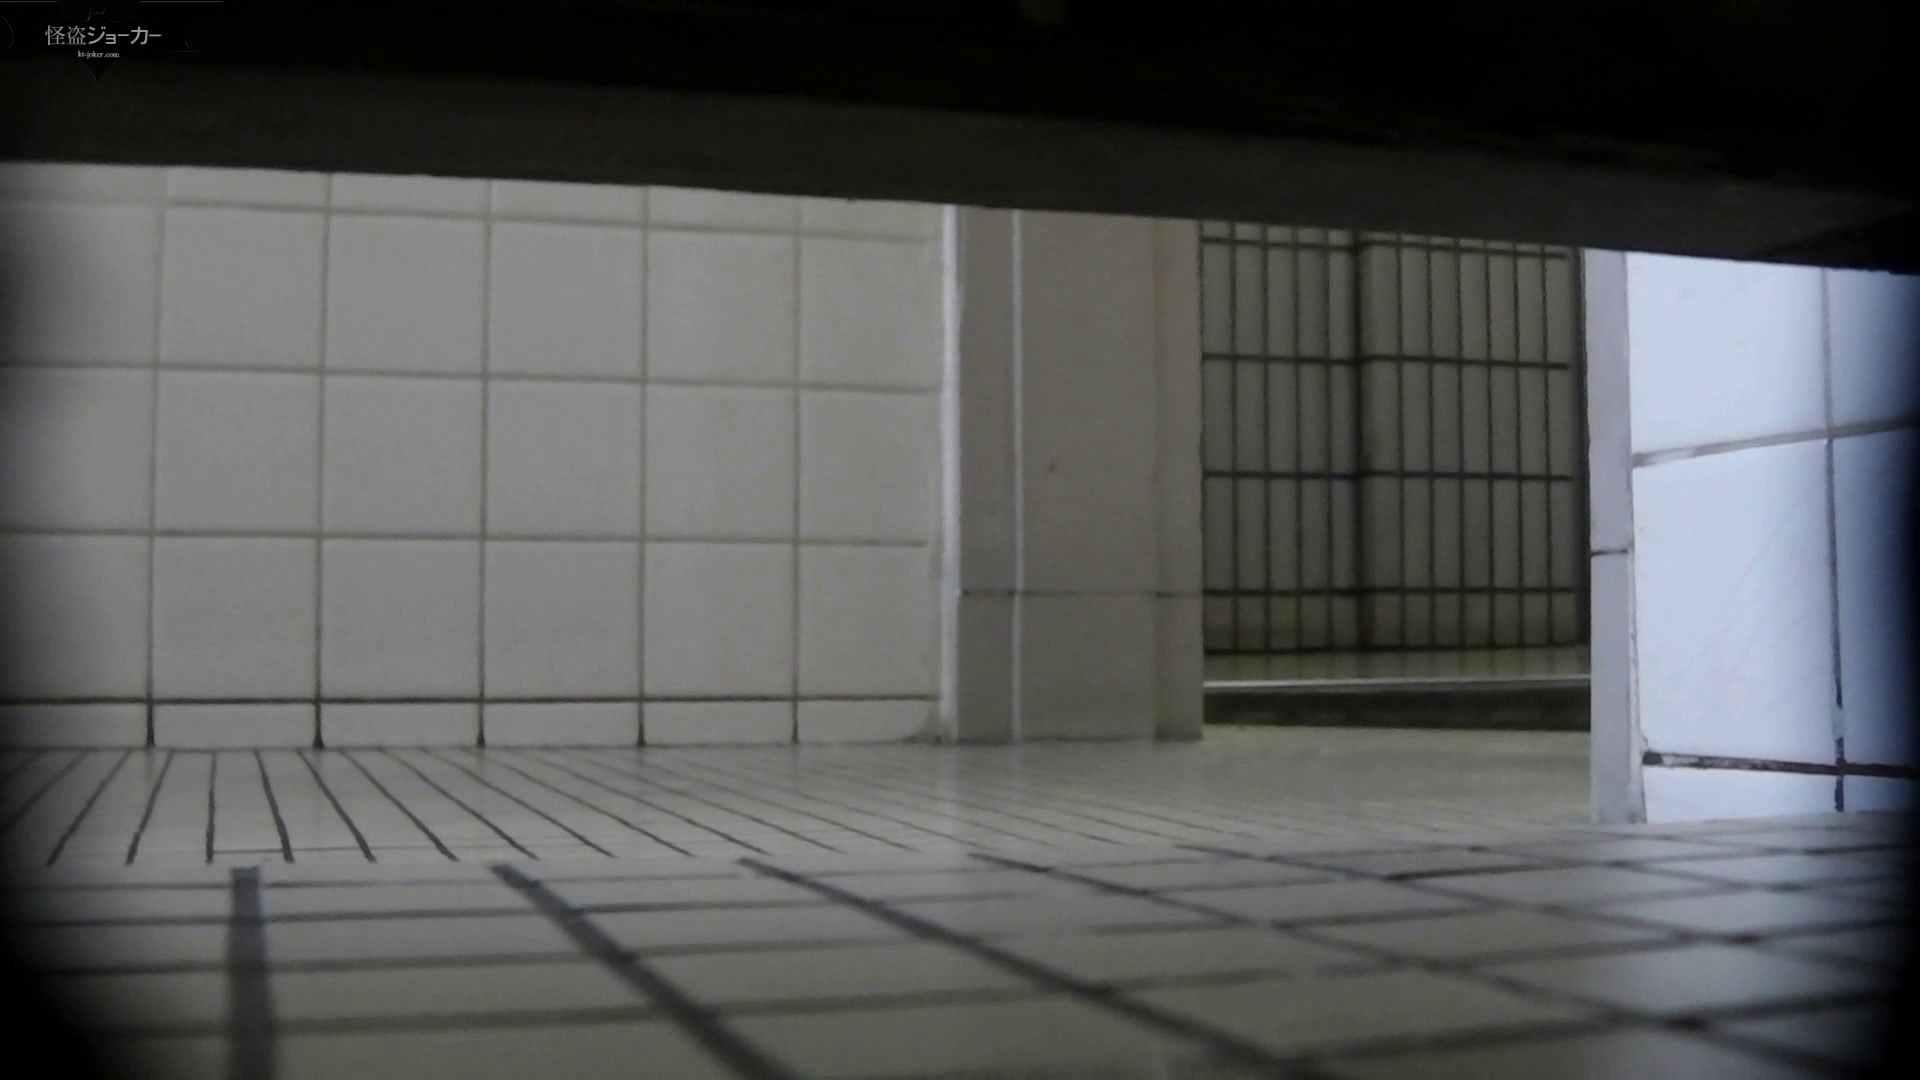 【美しき個室な世界】洗面所特攻隊 vol.051 洗面所 | OLのボディ  72PIX 51